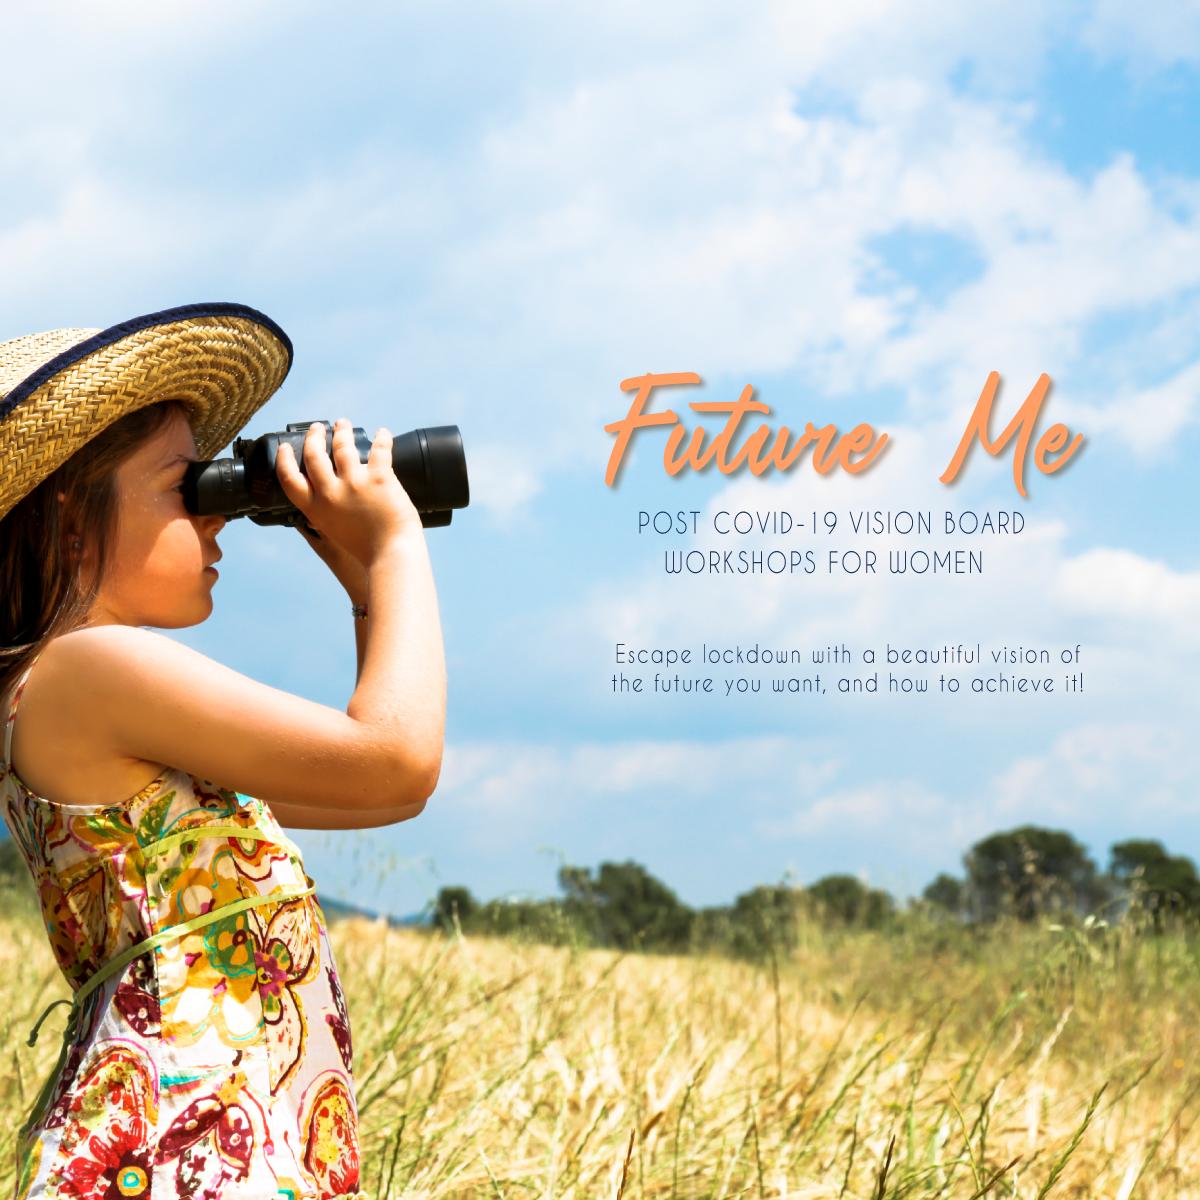 Future Me retreat by Linda Ferrari women